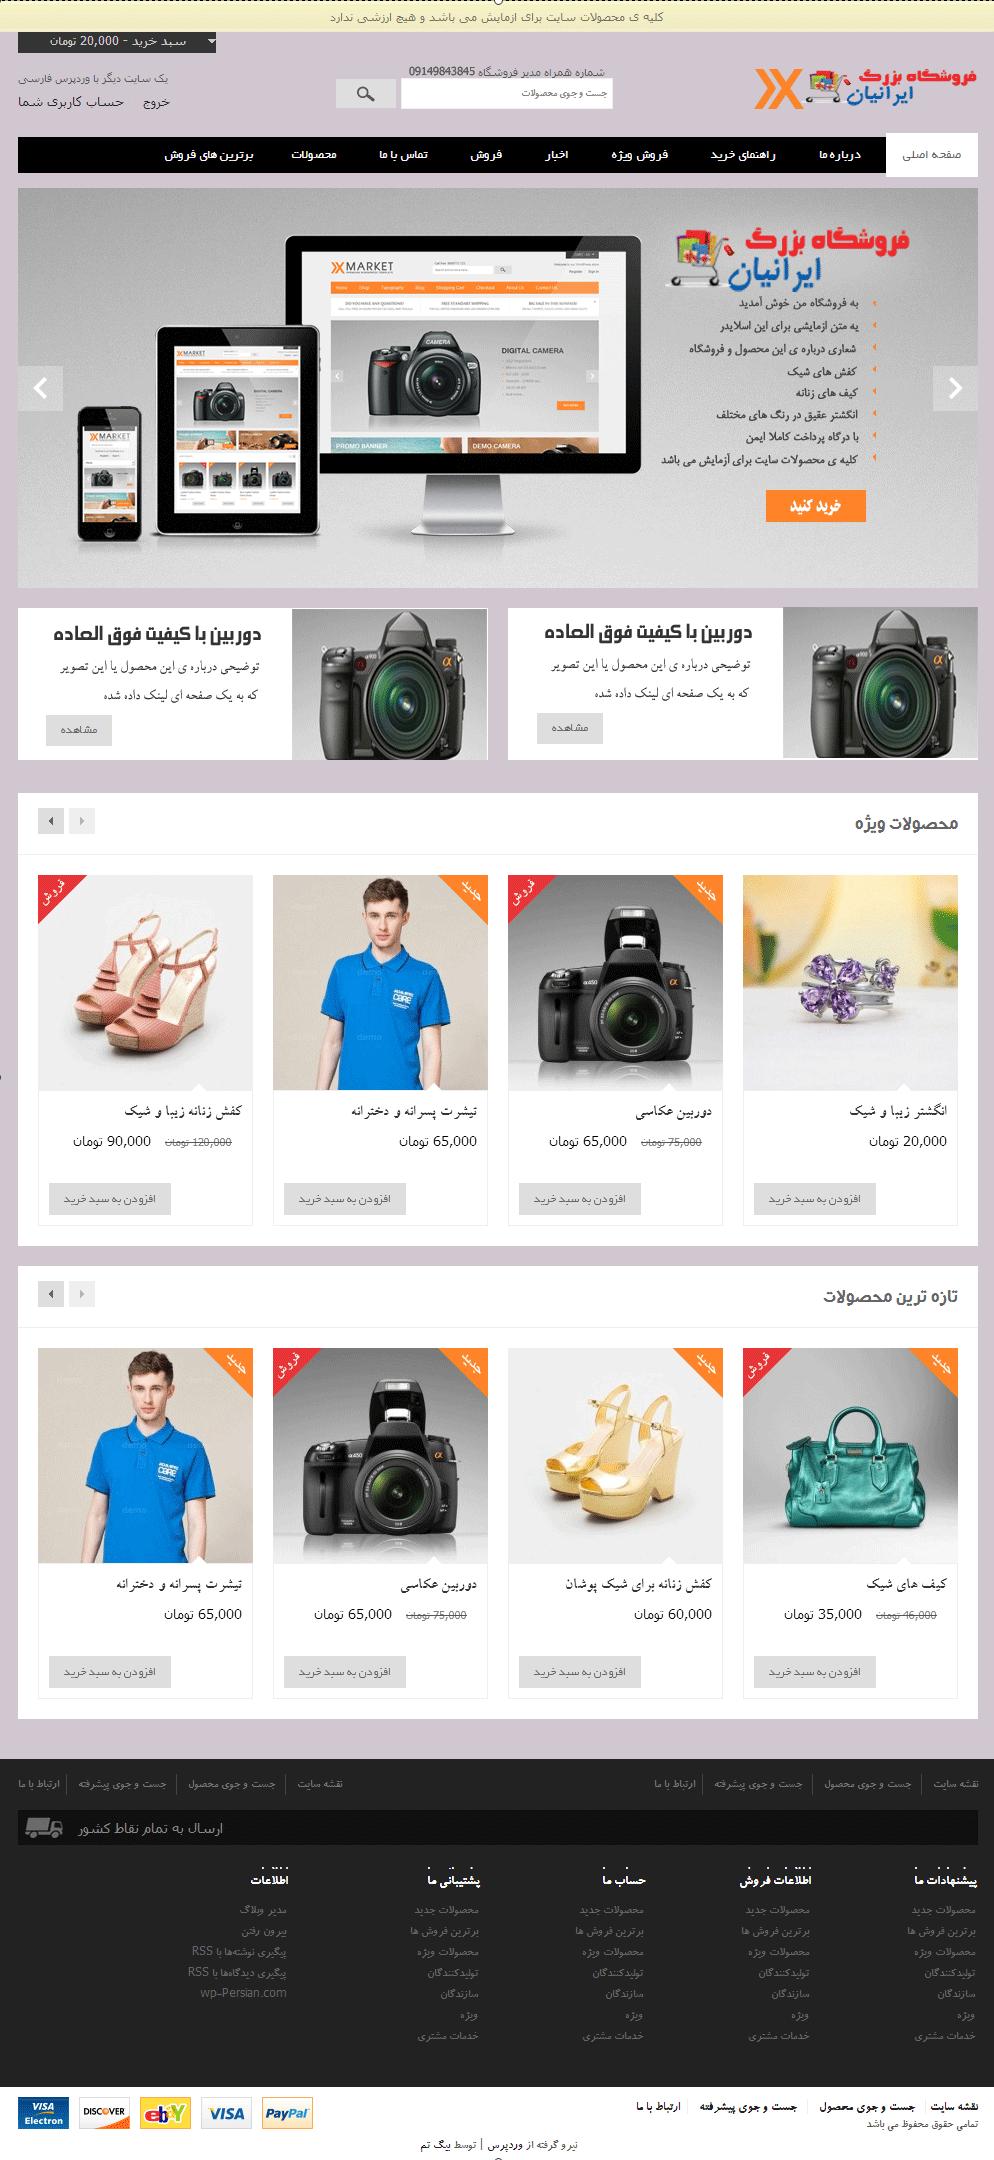 قالب فروشگاهی xmarket فارسی وردپرس